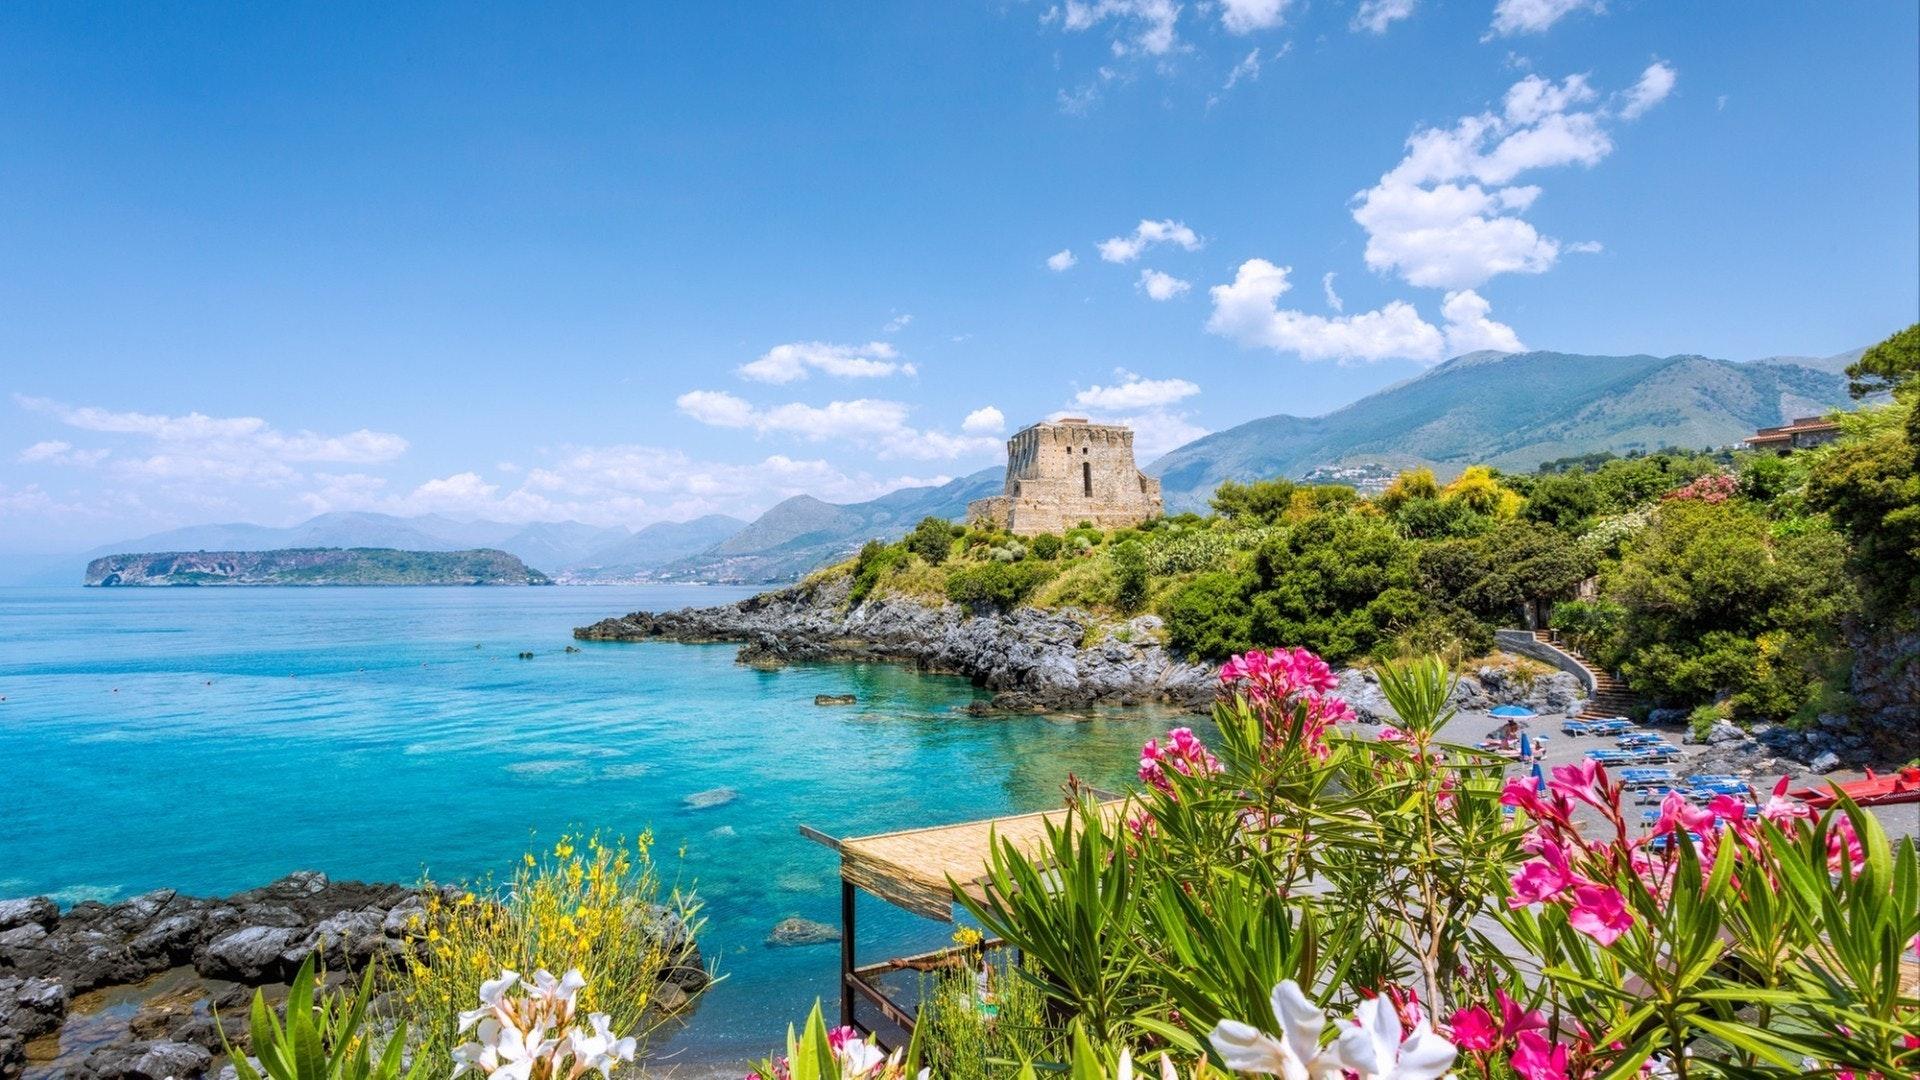 シチリア&エオリア諸島